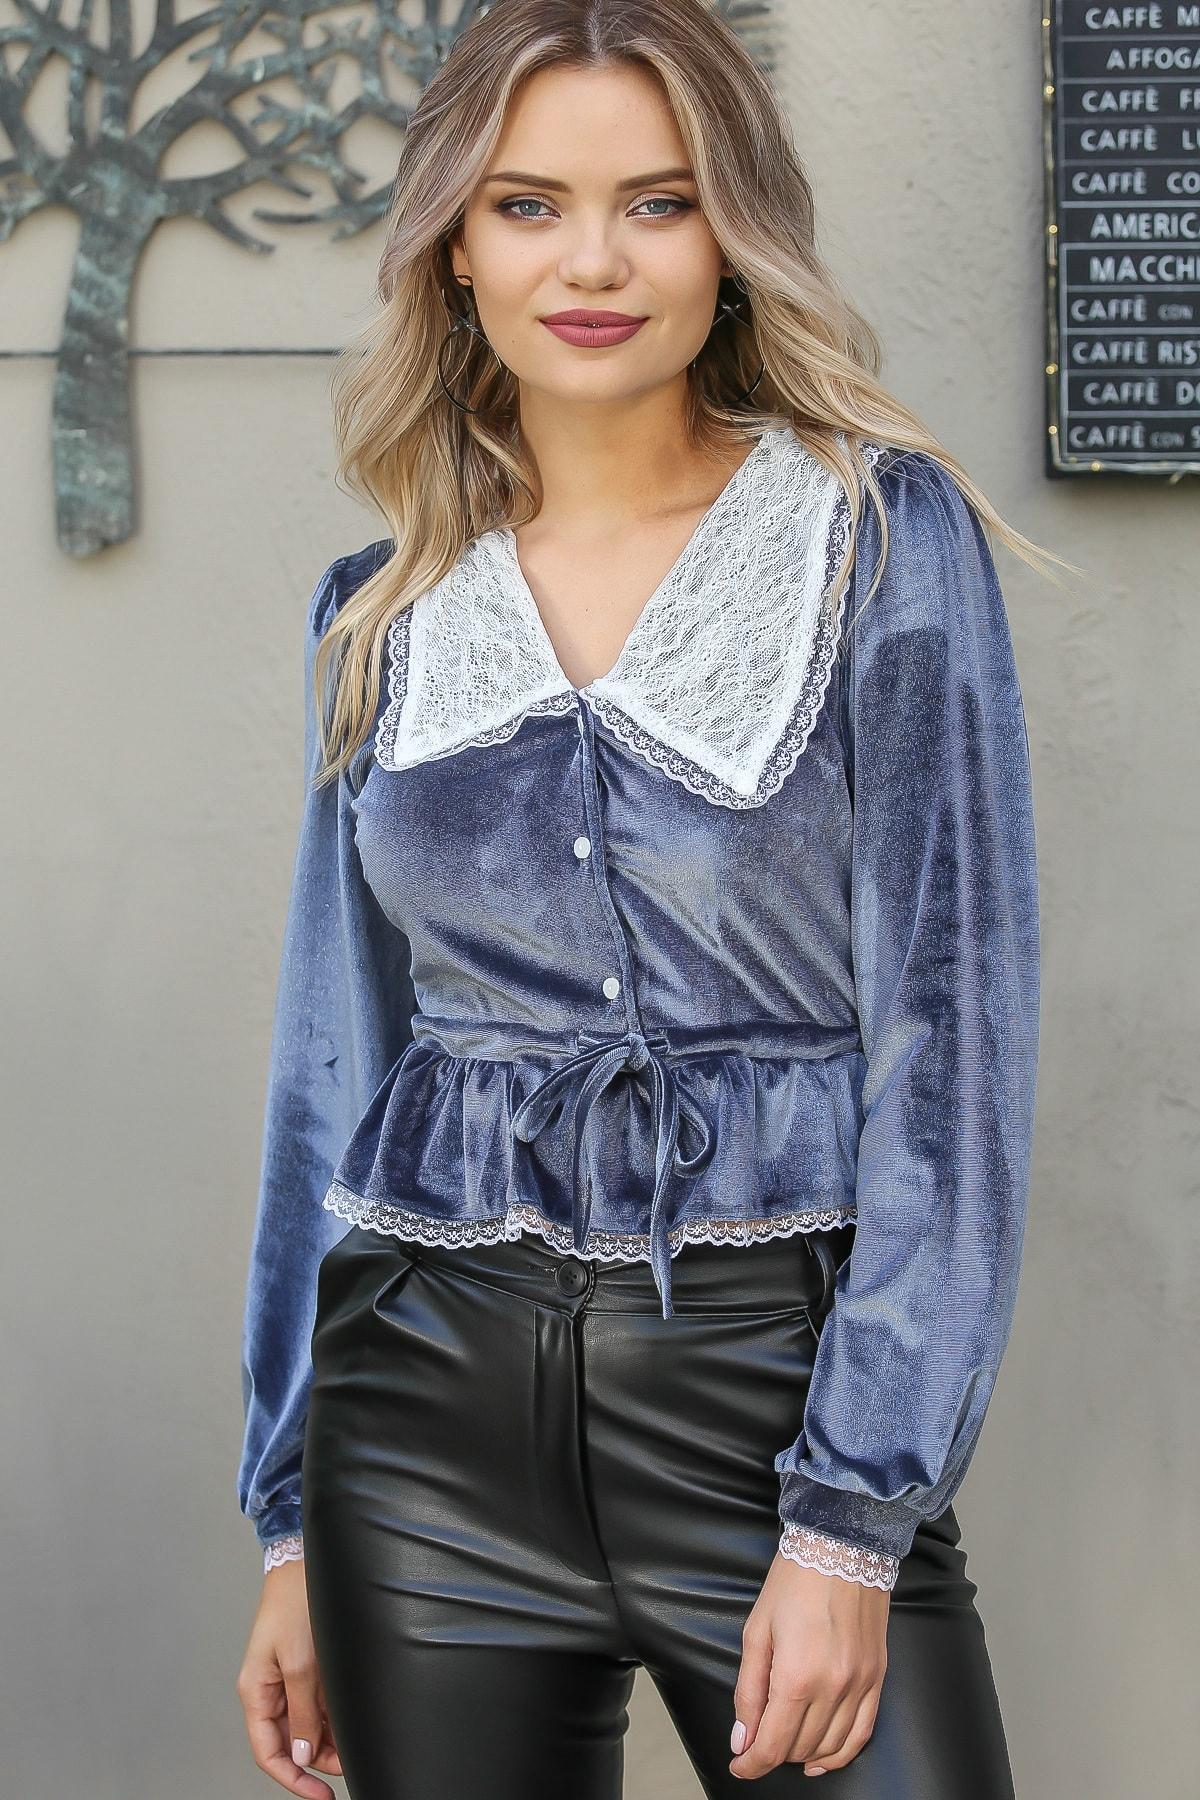 Chiccy Kadın Gri Vintage Dantel Yakalı Düğme Detaylı Beli Büzgülü Işıltılı Bluz 3